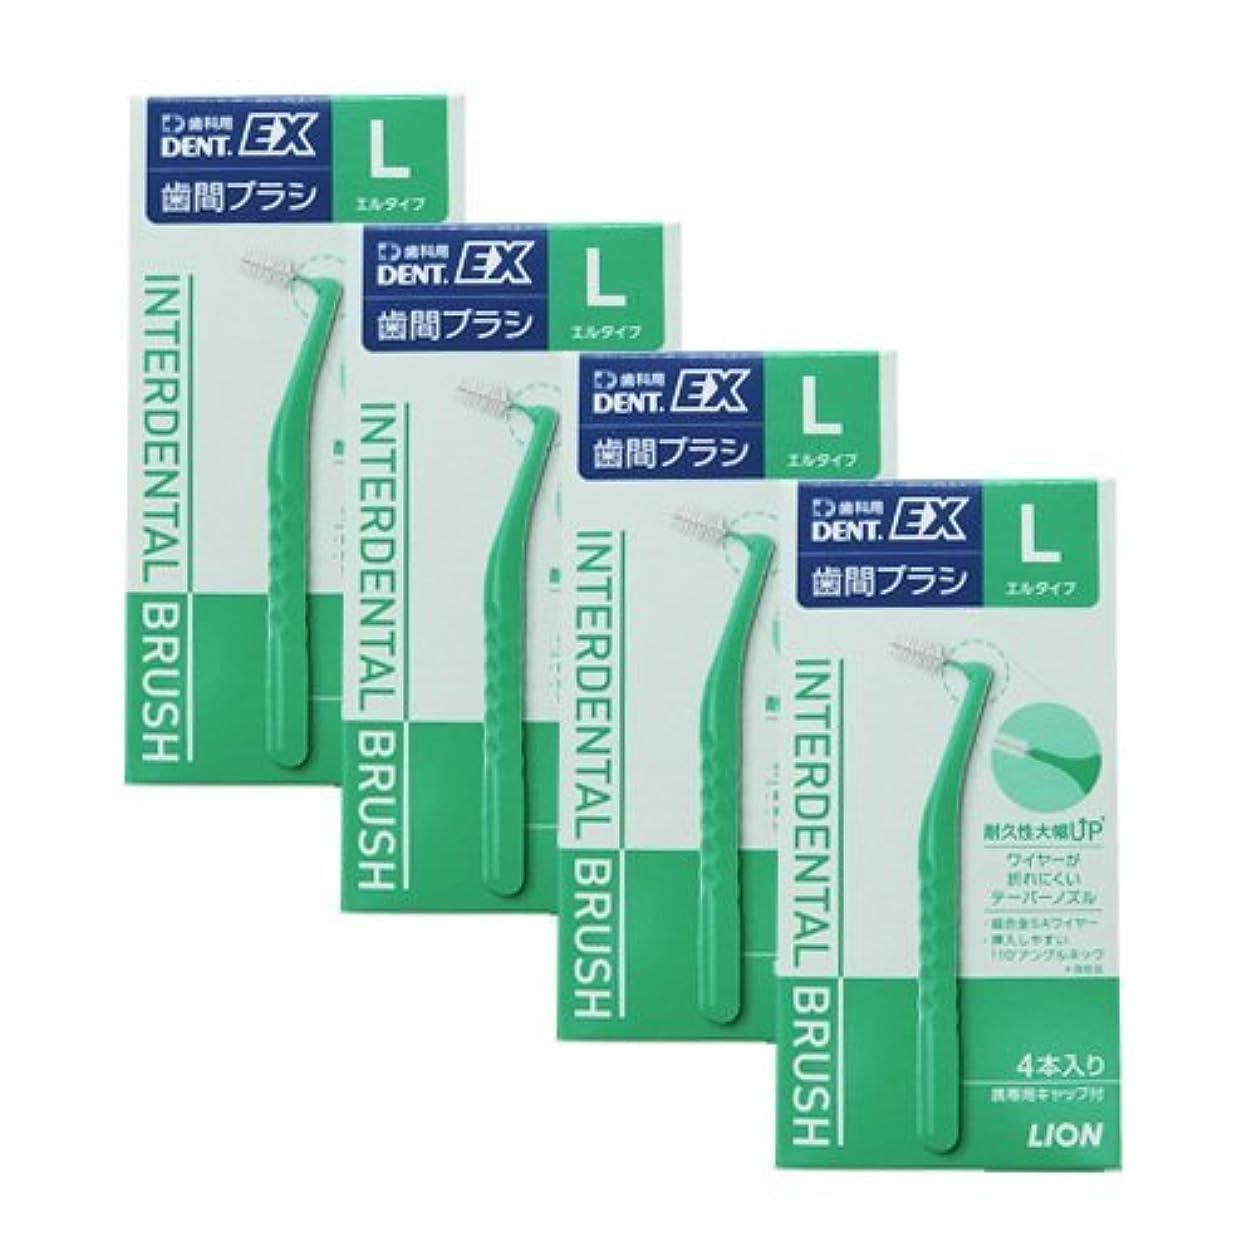 一節レンチグラマーライオン DENT.EX 歯間ブラシ 4本入 ×4 個 (L(グリーン))